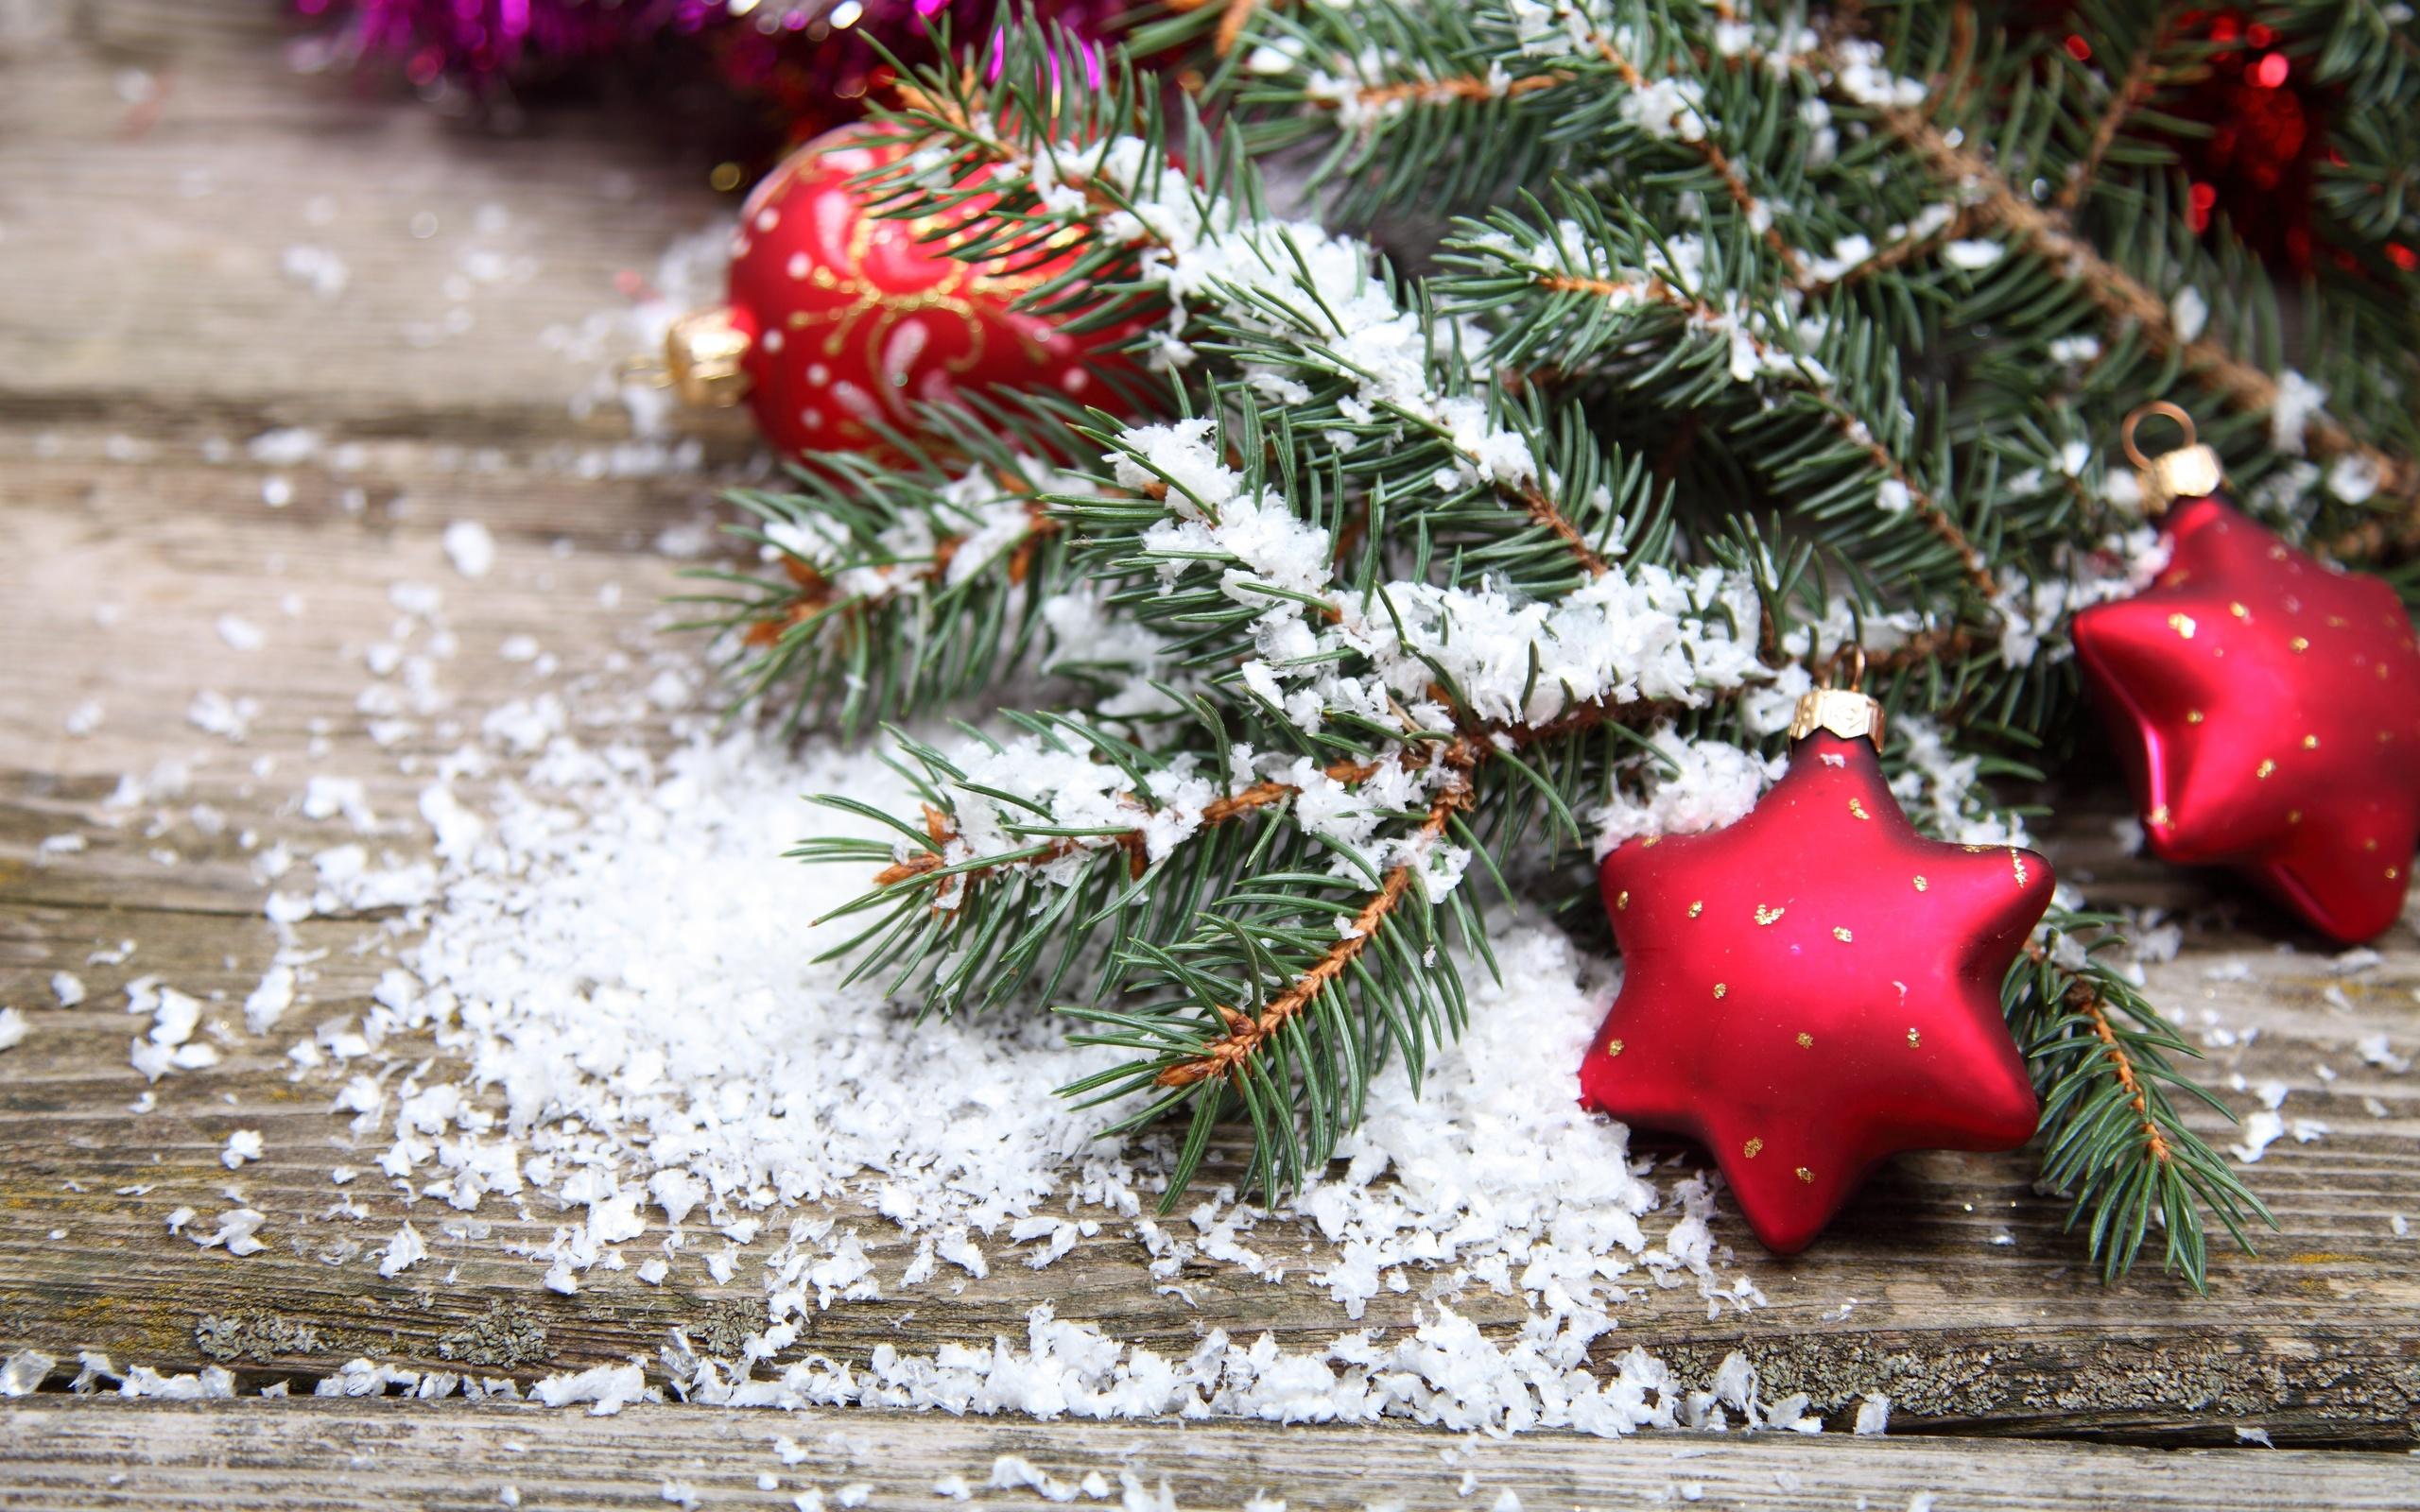 выбор картинки на рабочий стол снег на елках веселые лица, звучат